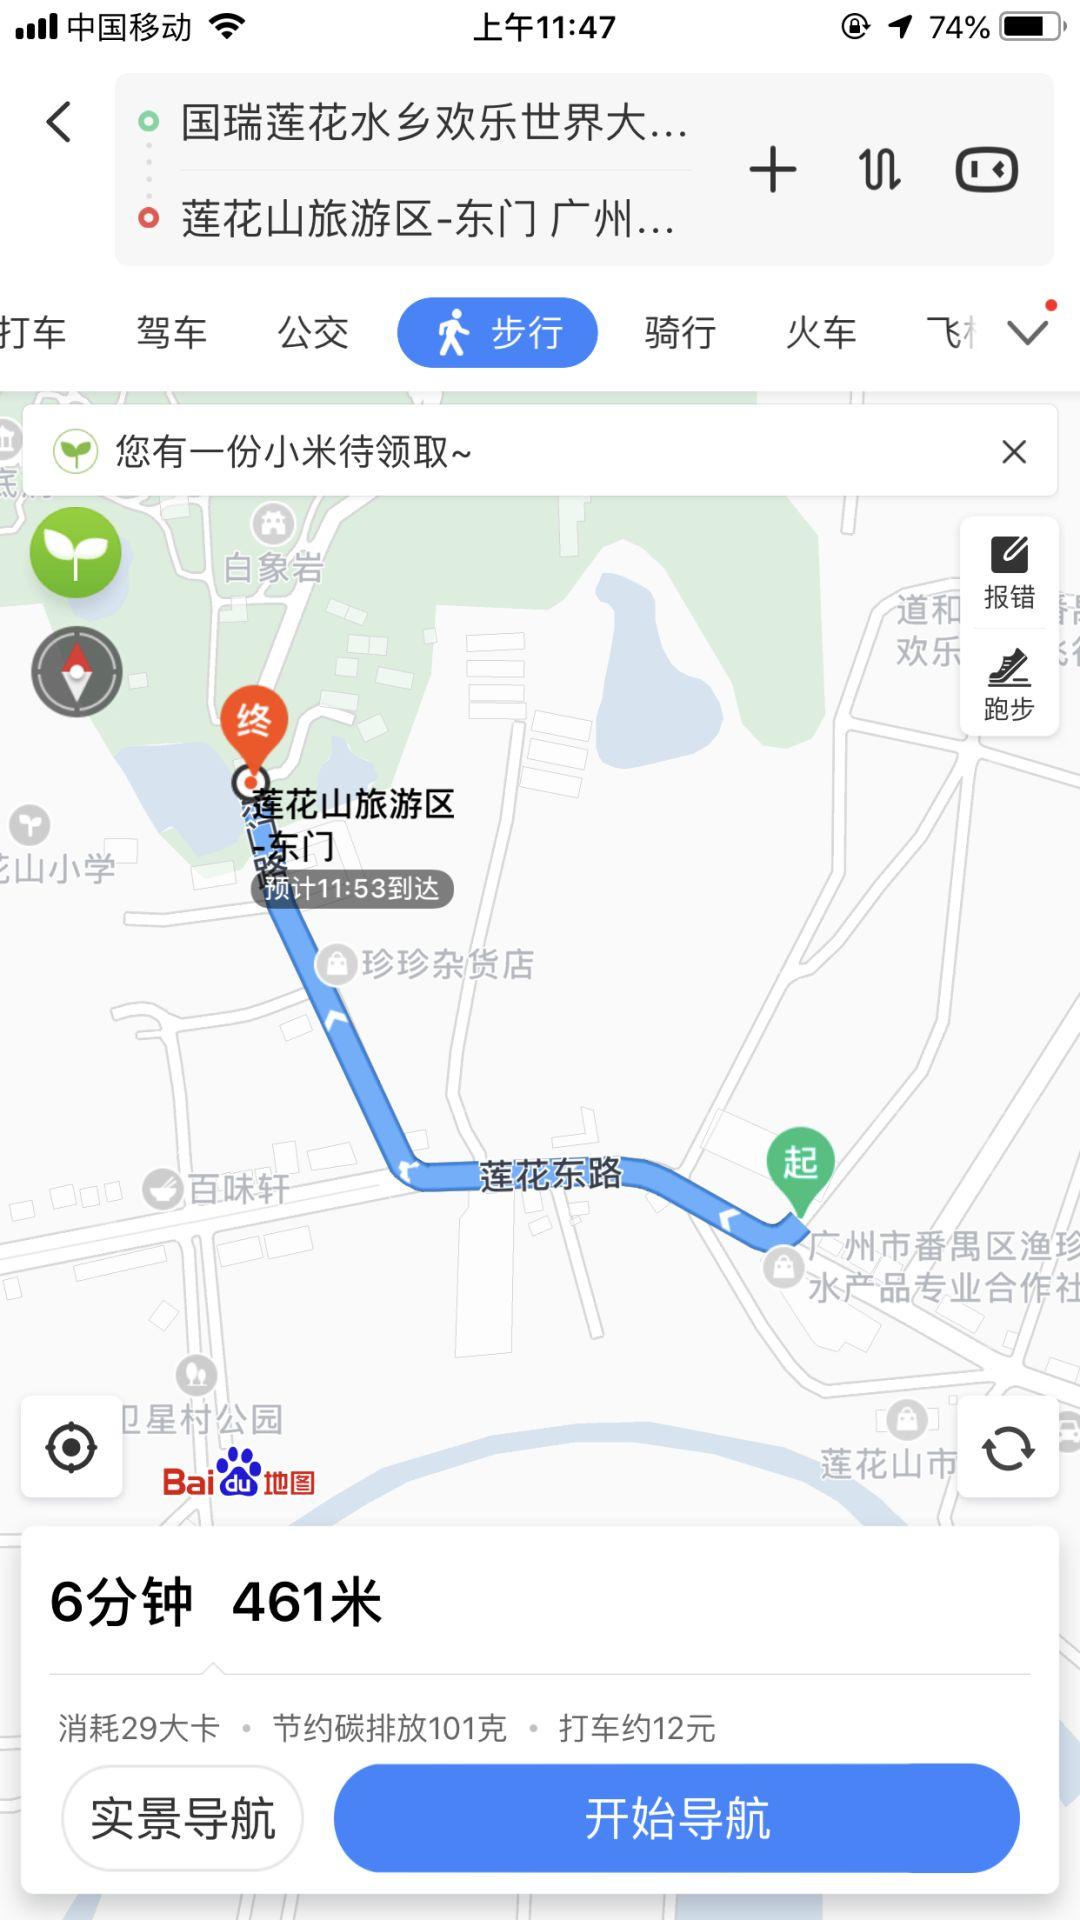 重阳登高看过来!停车、公交、禁行…这份指南请收好